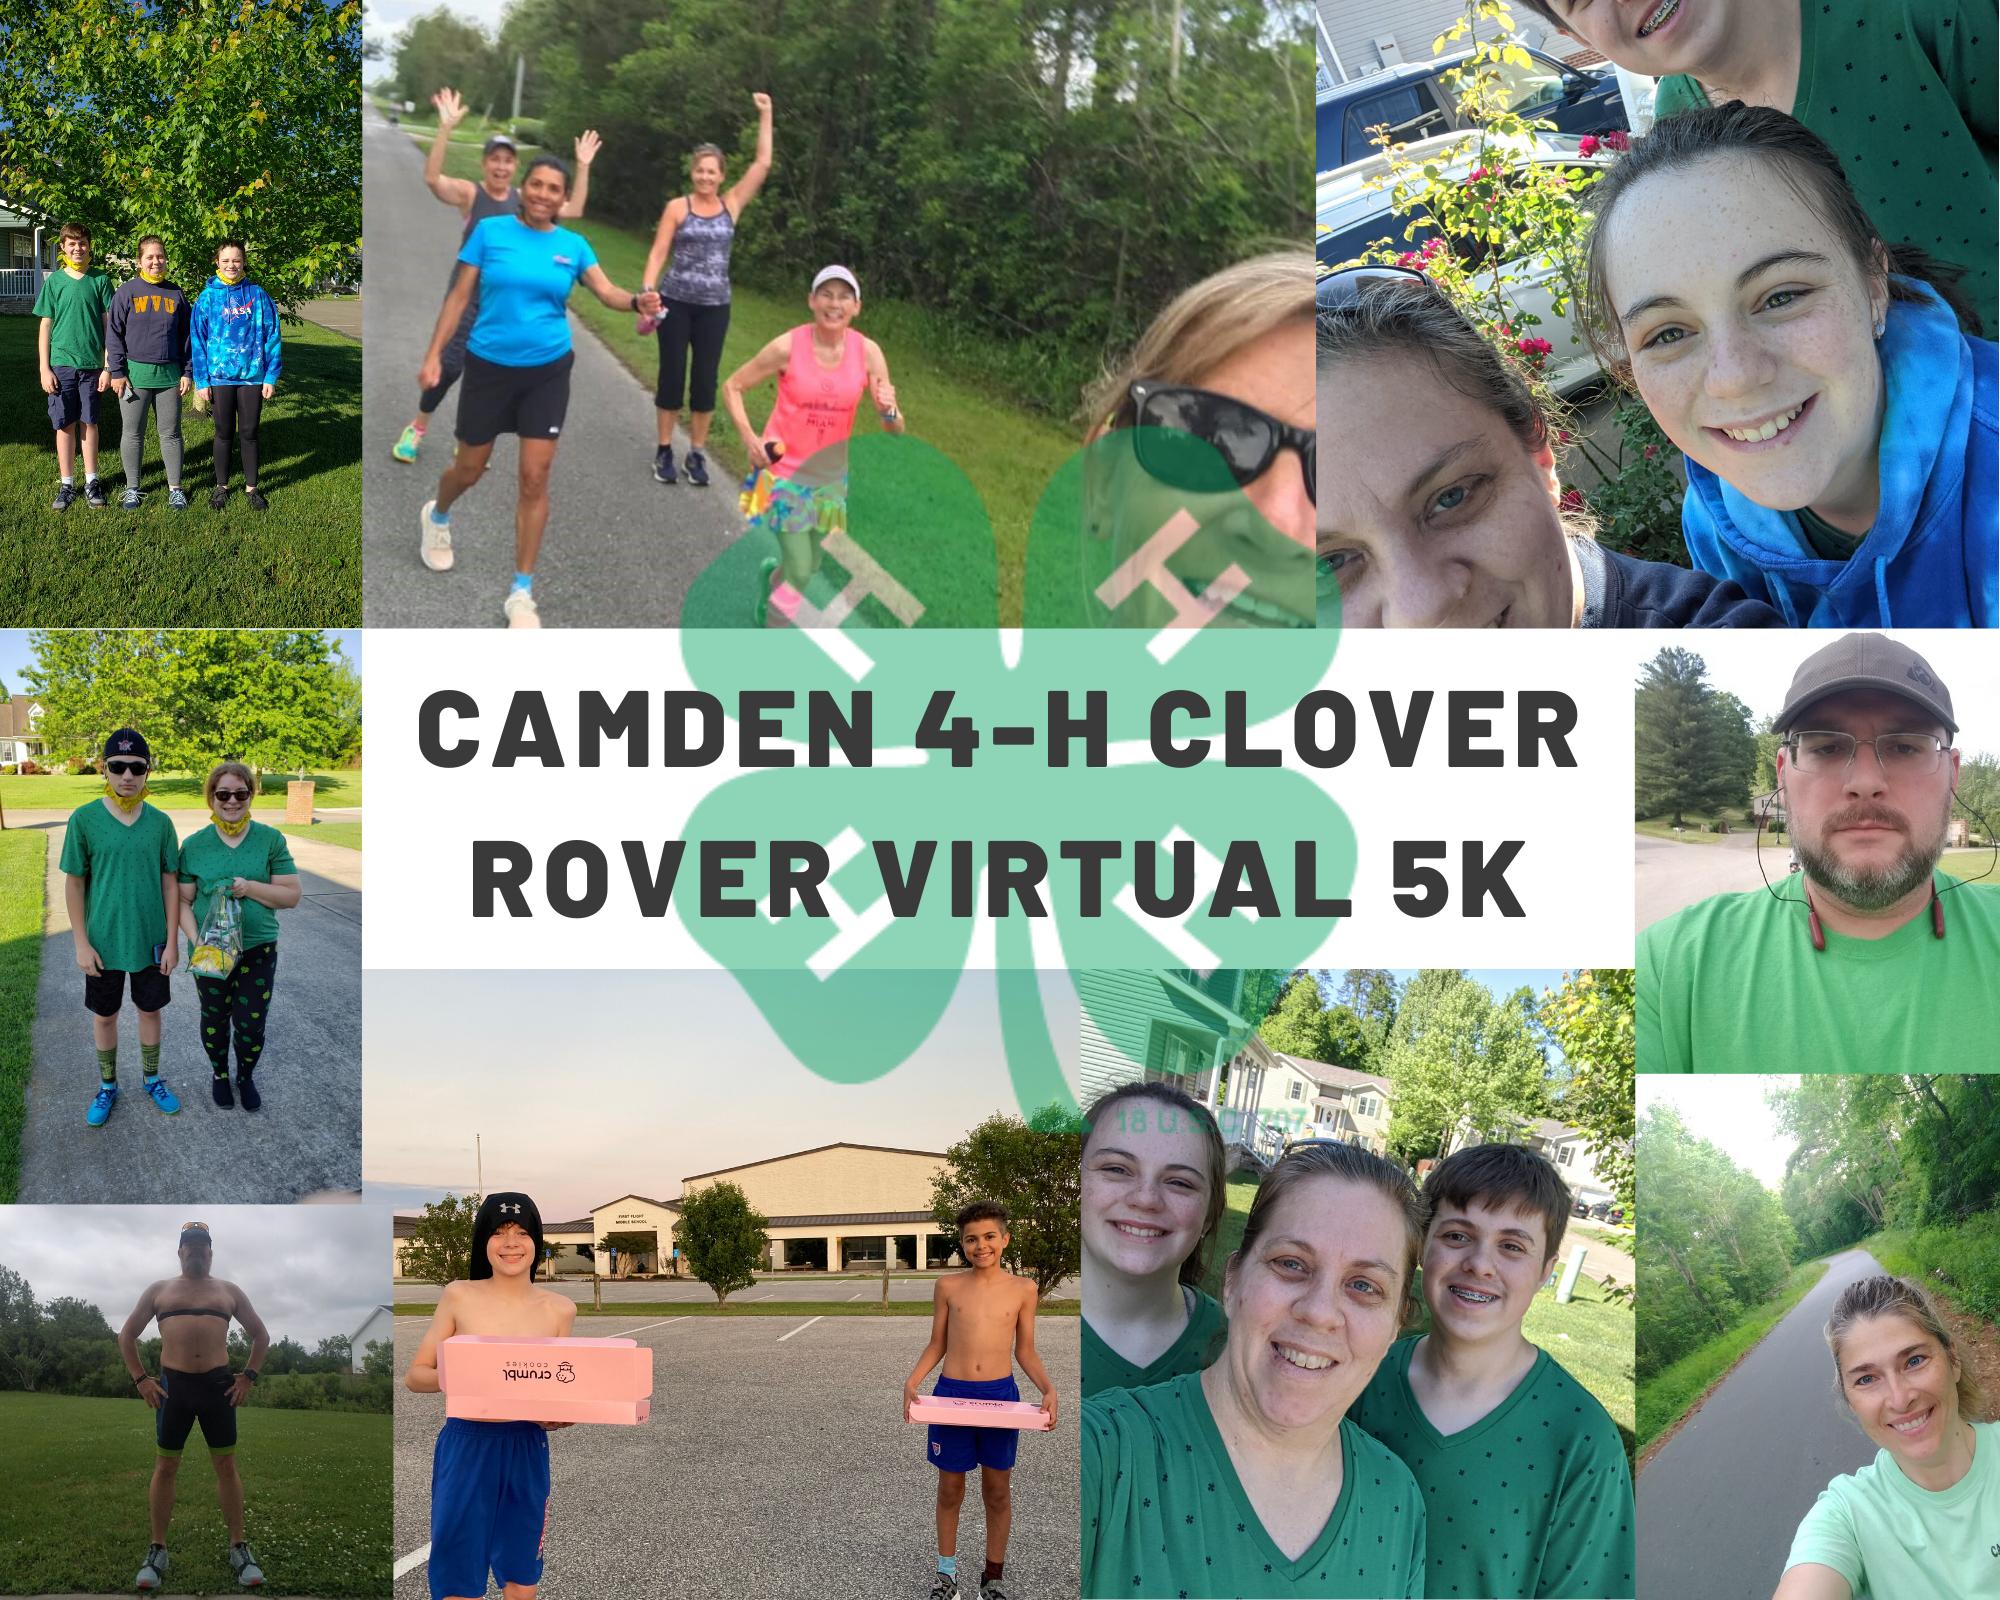 4-H Clover Rover